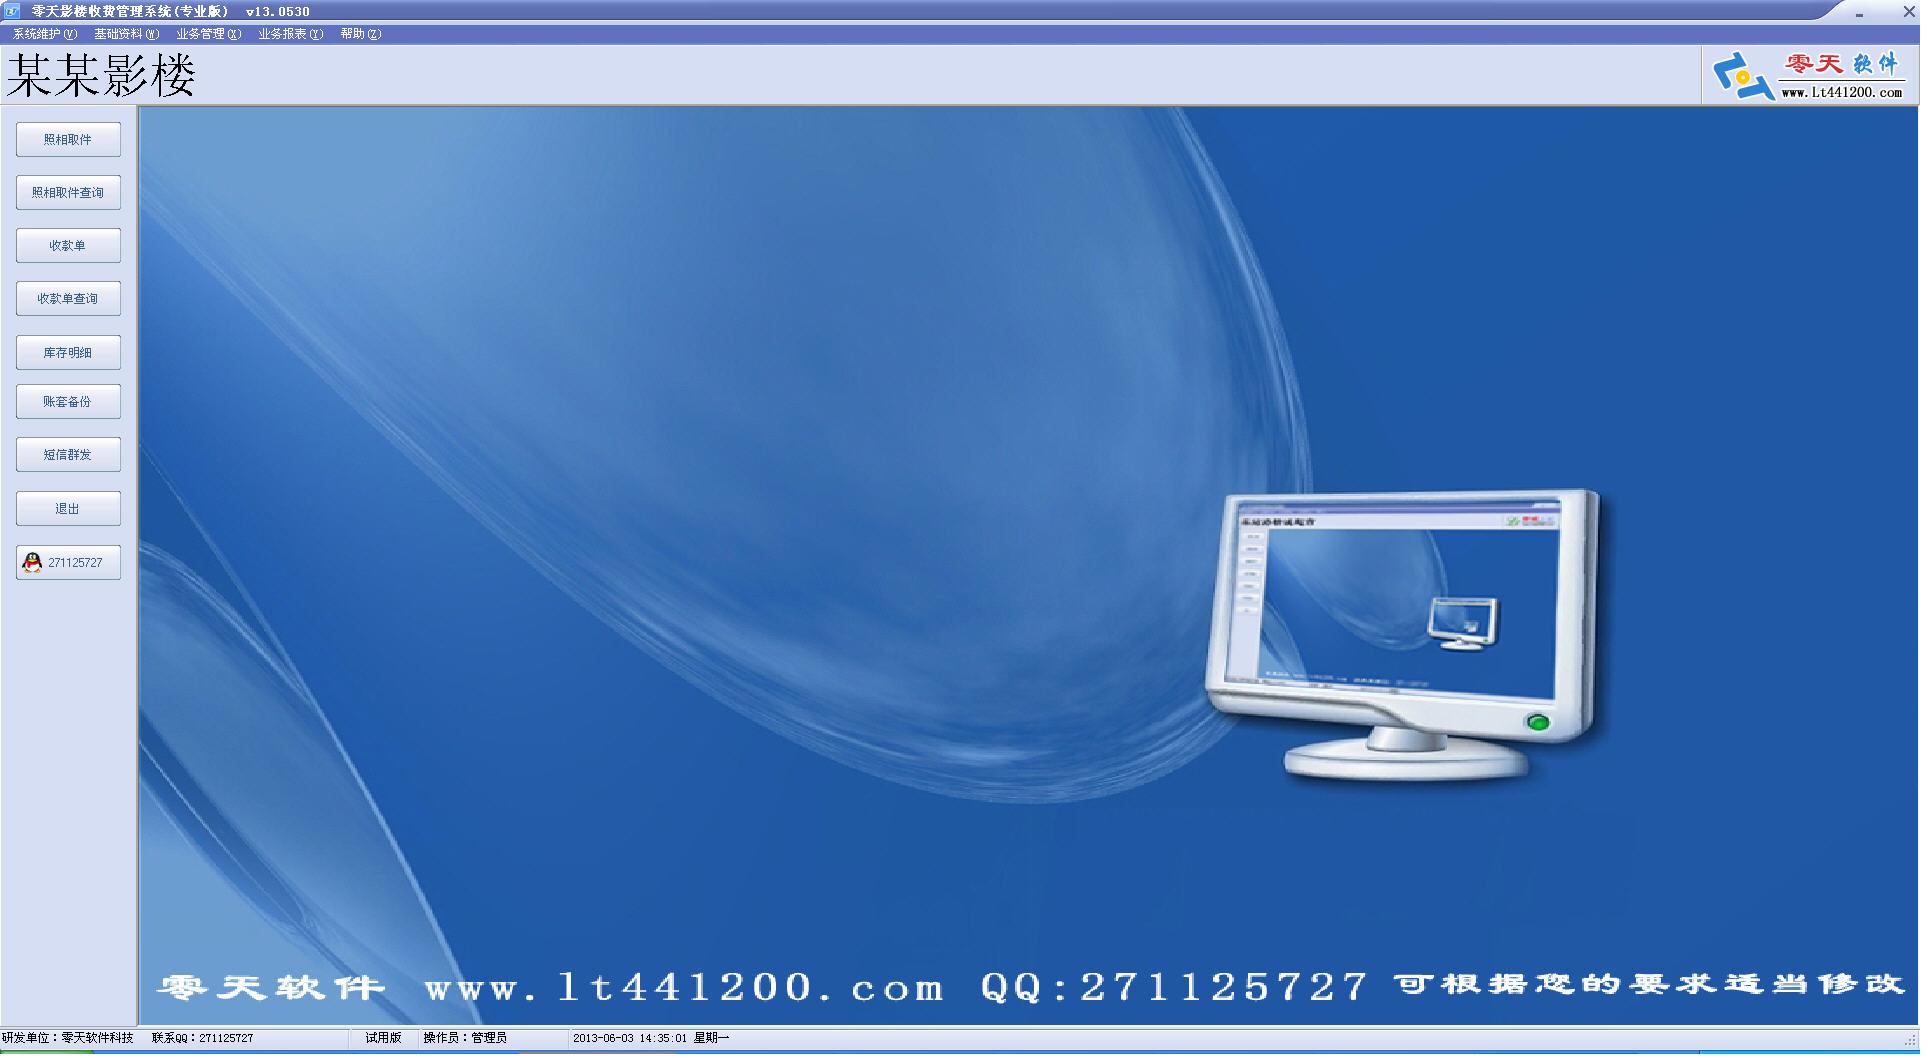 零天影楼收费管理系统V14.11.25 专业版